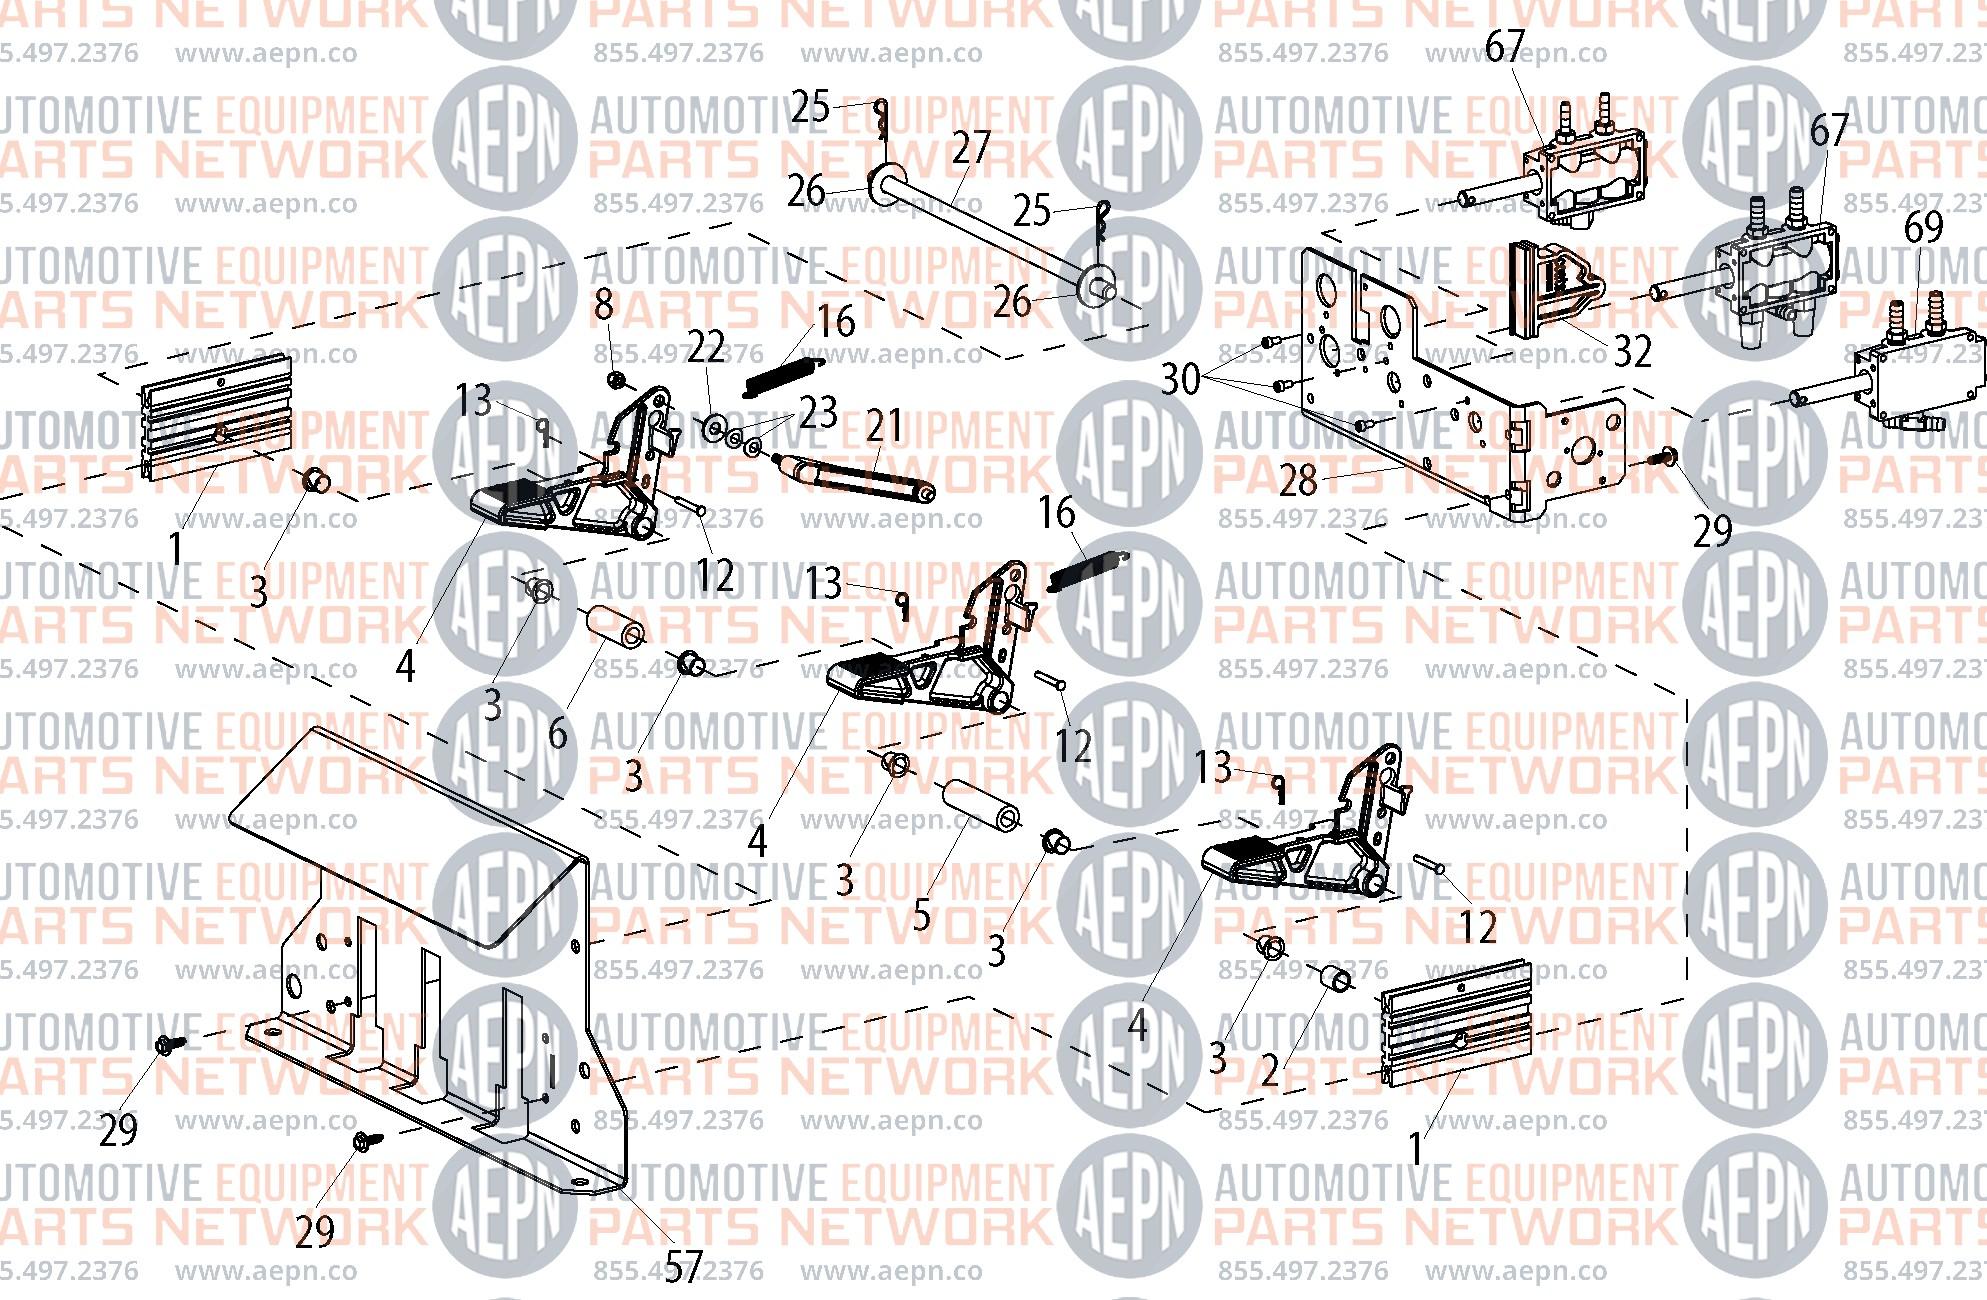 Coats 5060 Wireing Schematic Coats 50xx Series Tire Changer Parts Breakdown Aepn Of Coats 5060 Wireing Schematic